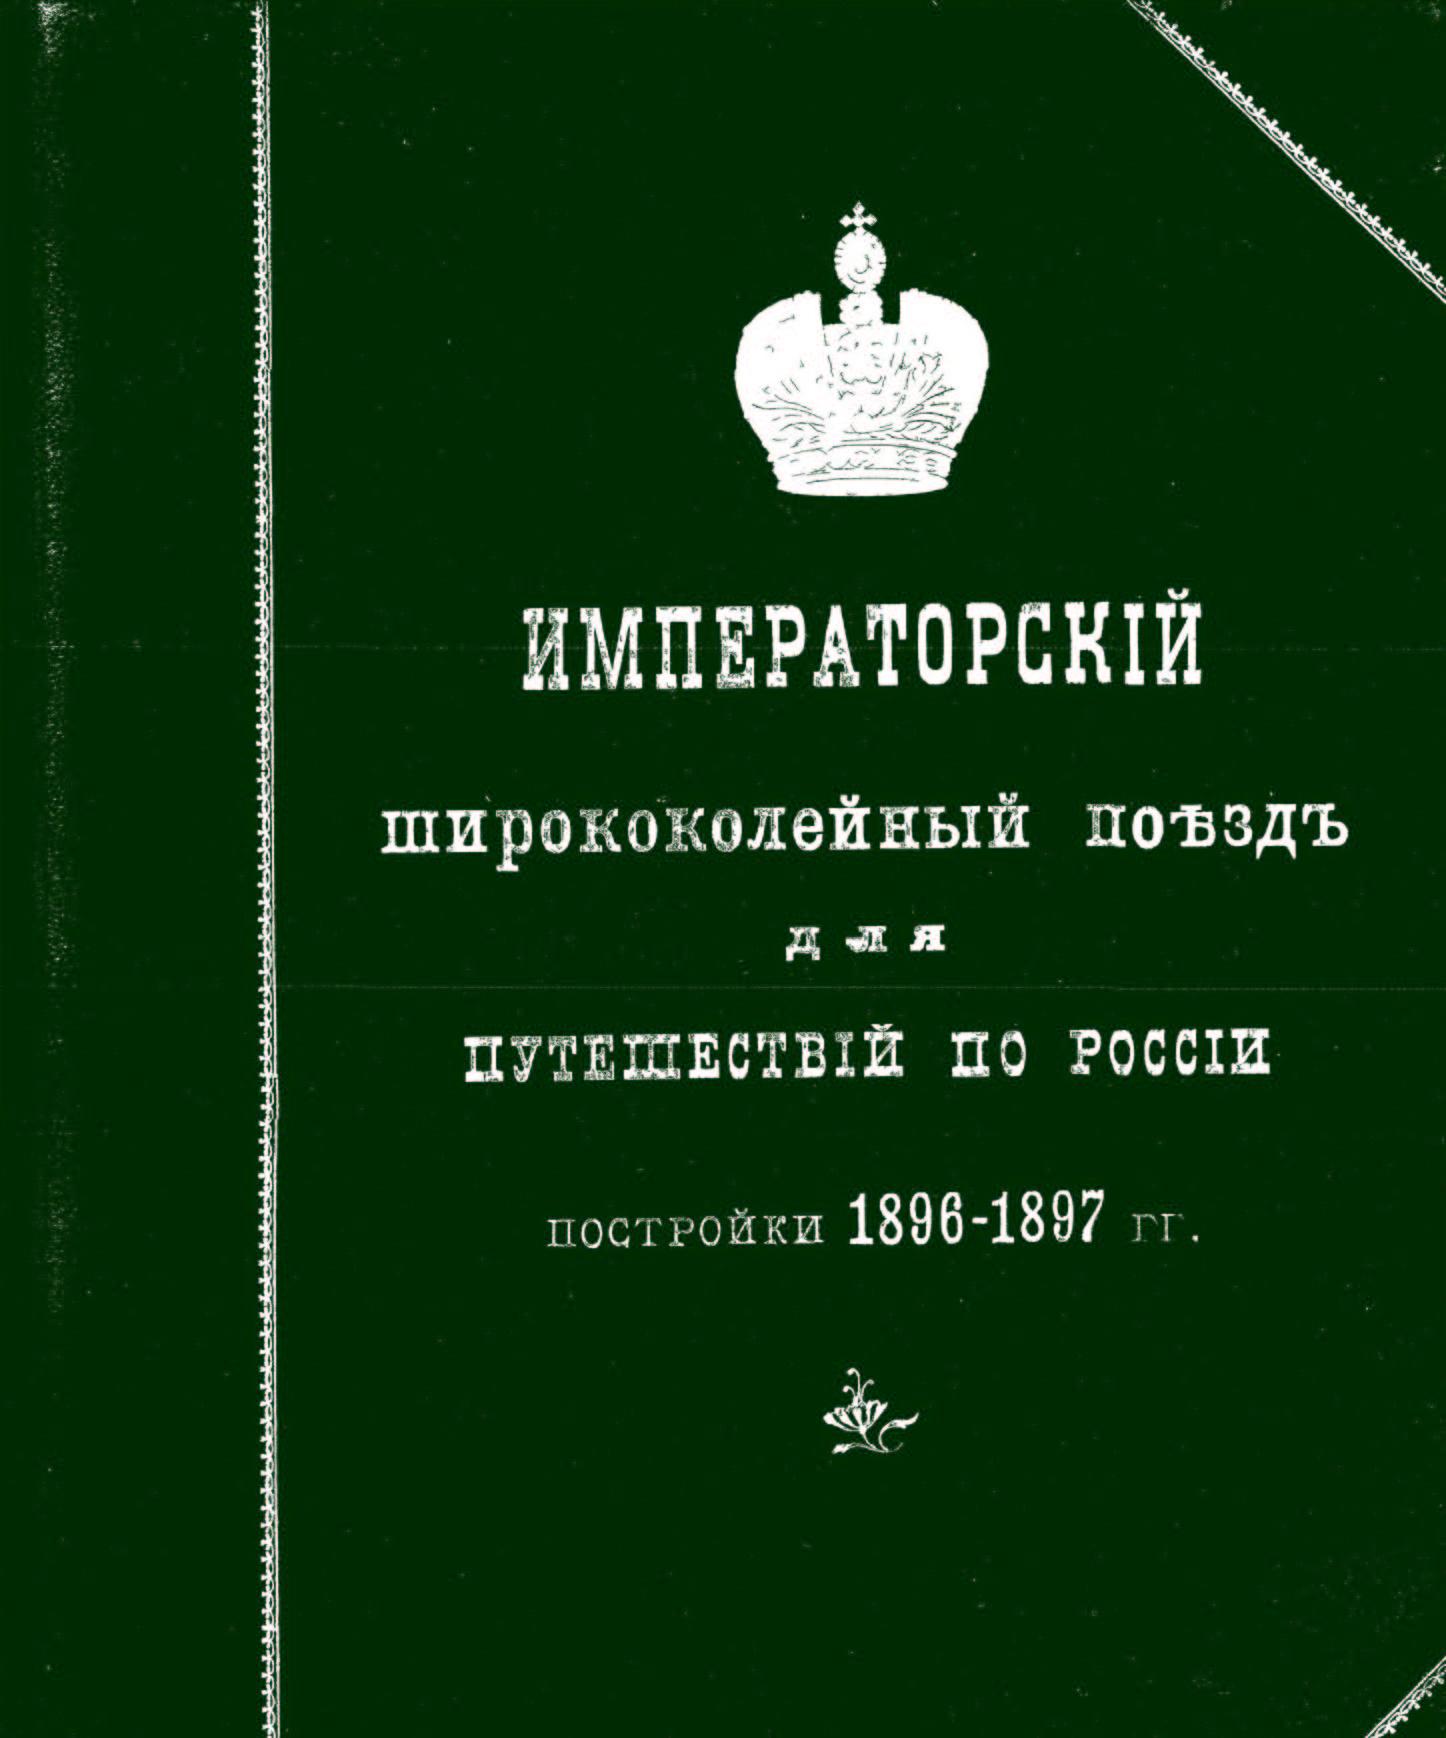 Императорский ширококолейный поезд для путешествий по России постройки 1896 - 1897 гг.